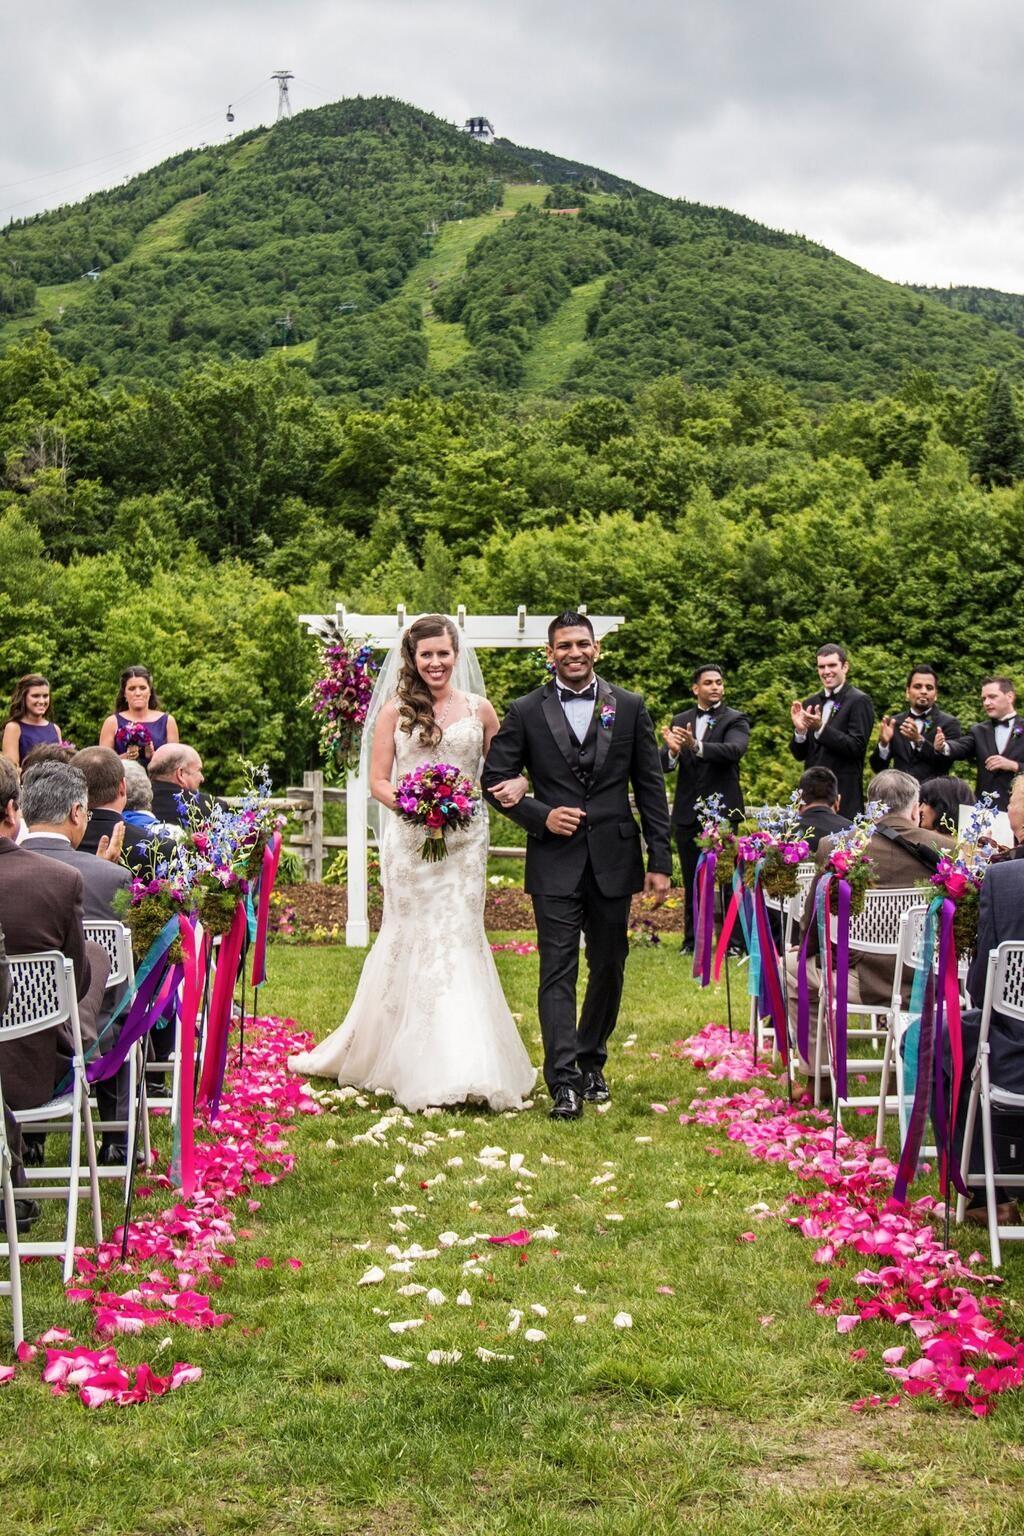 Jay Peak Jaypeakresort On Twitter Jay Peak Jay Peak Resort Vermont Wedding